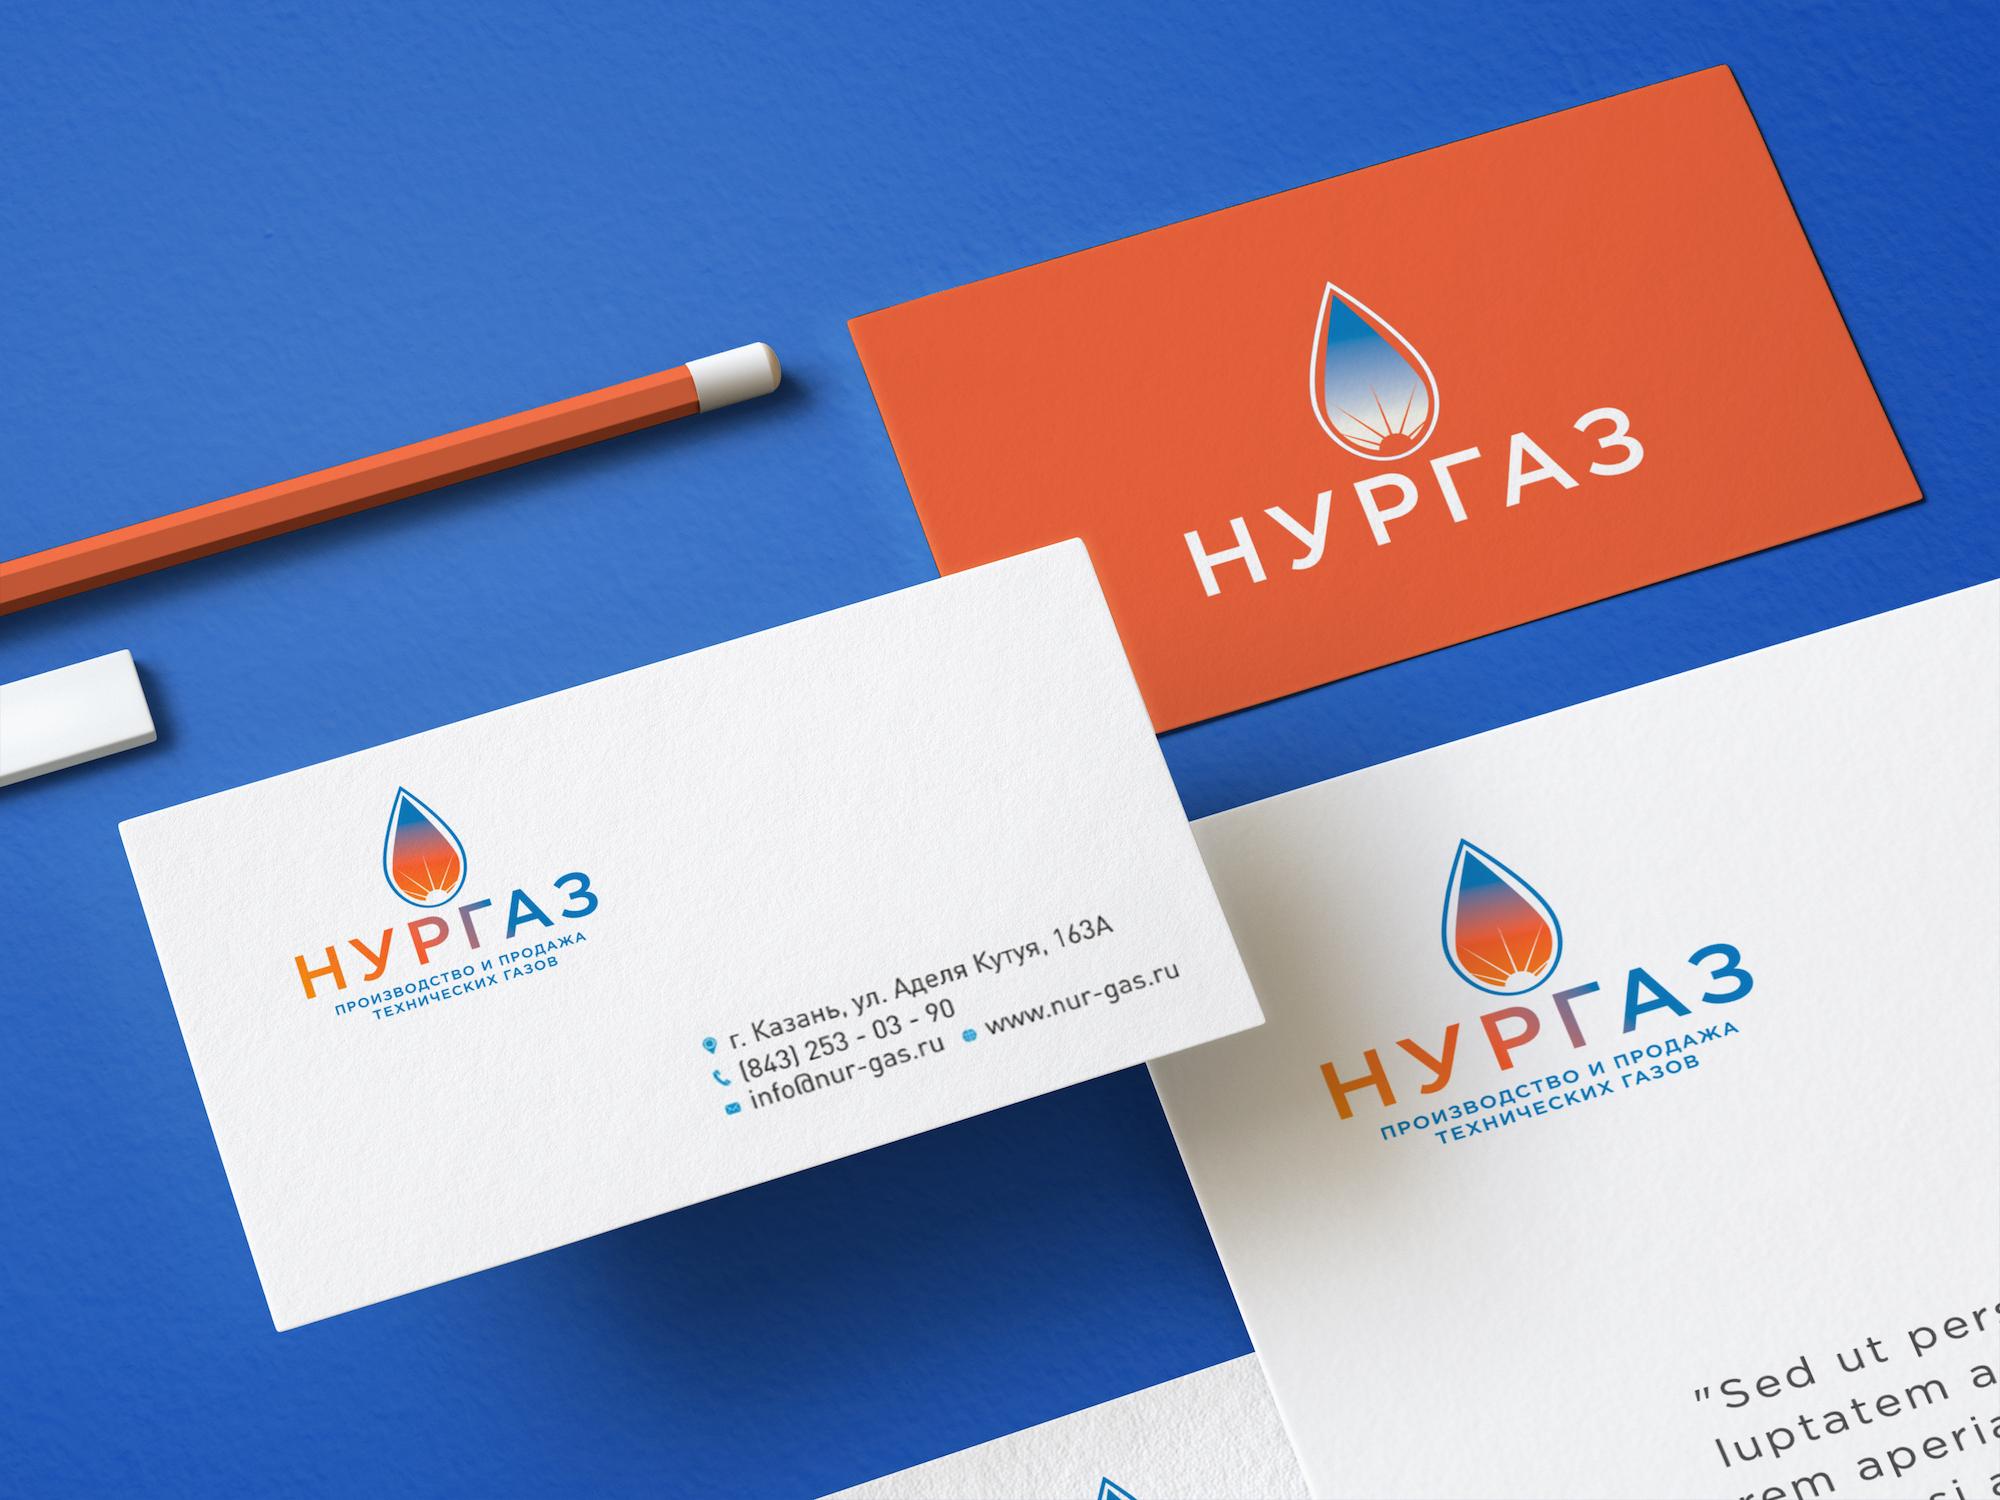 Разработка логотипа и фирменного стиля фото f_3915d9d9eb6538c6.jpg